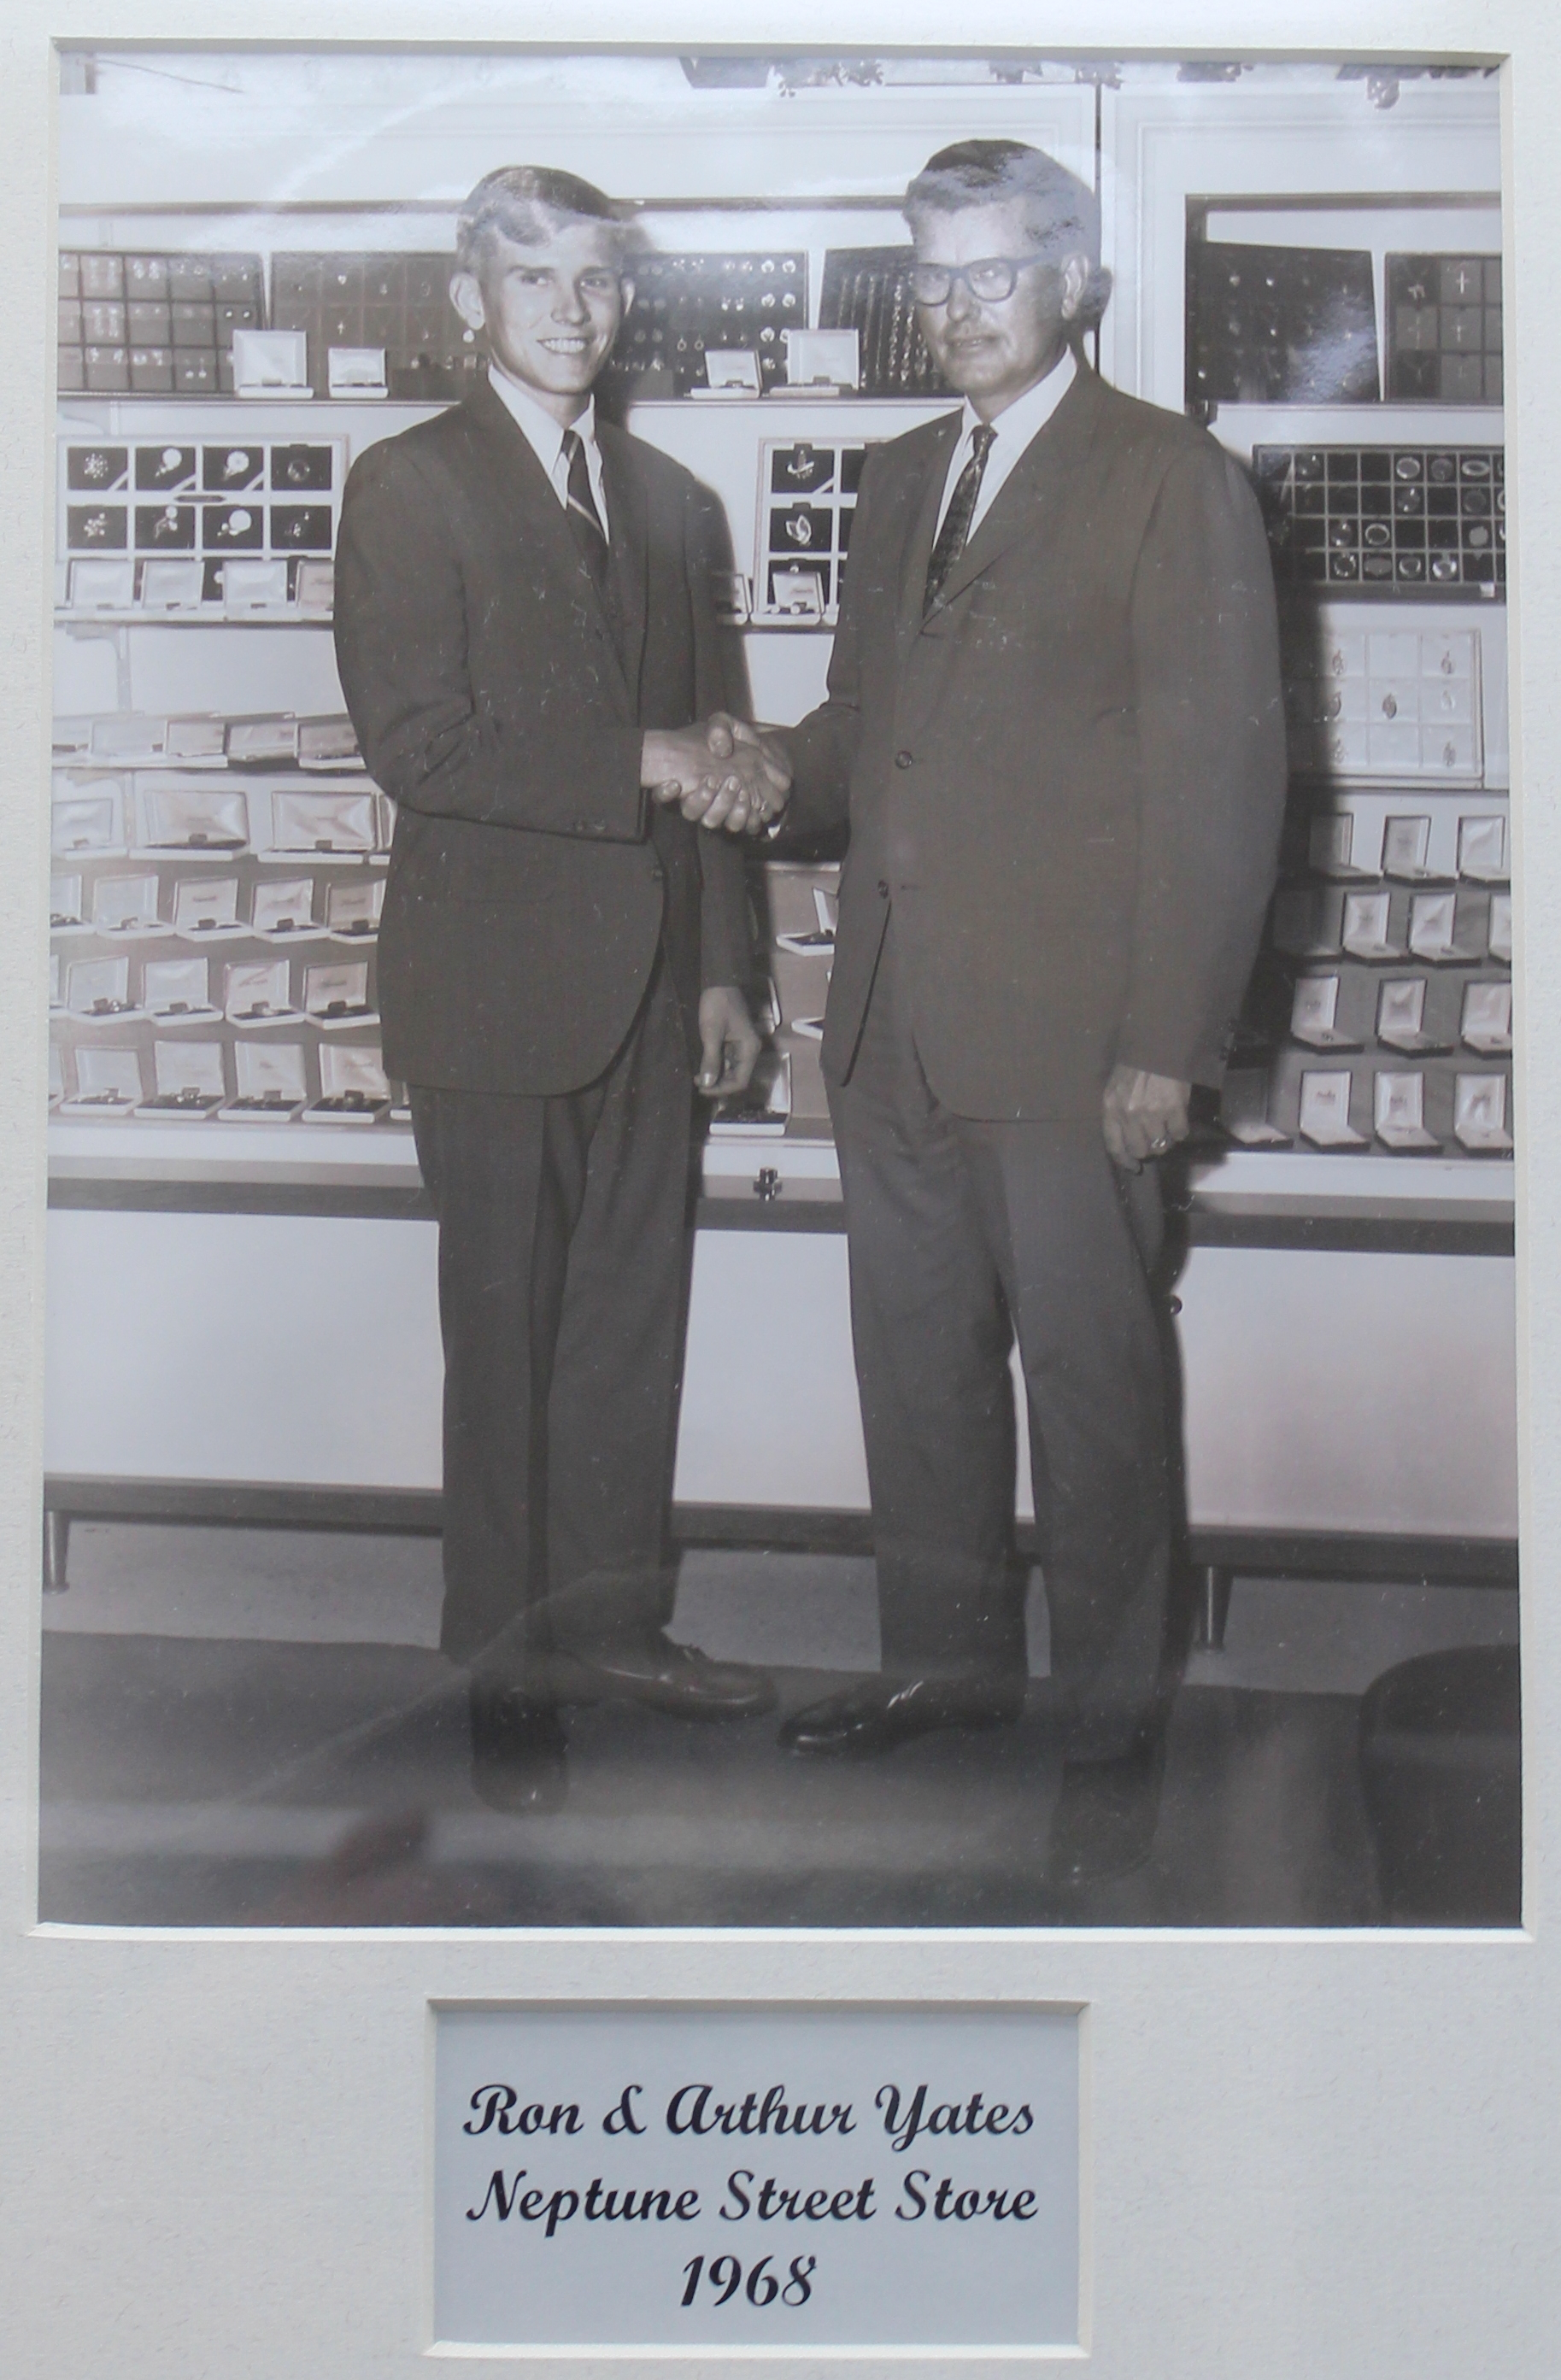 Ron and Arthur Yates